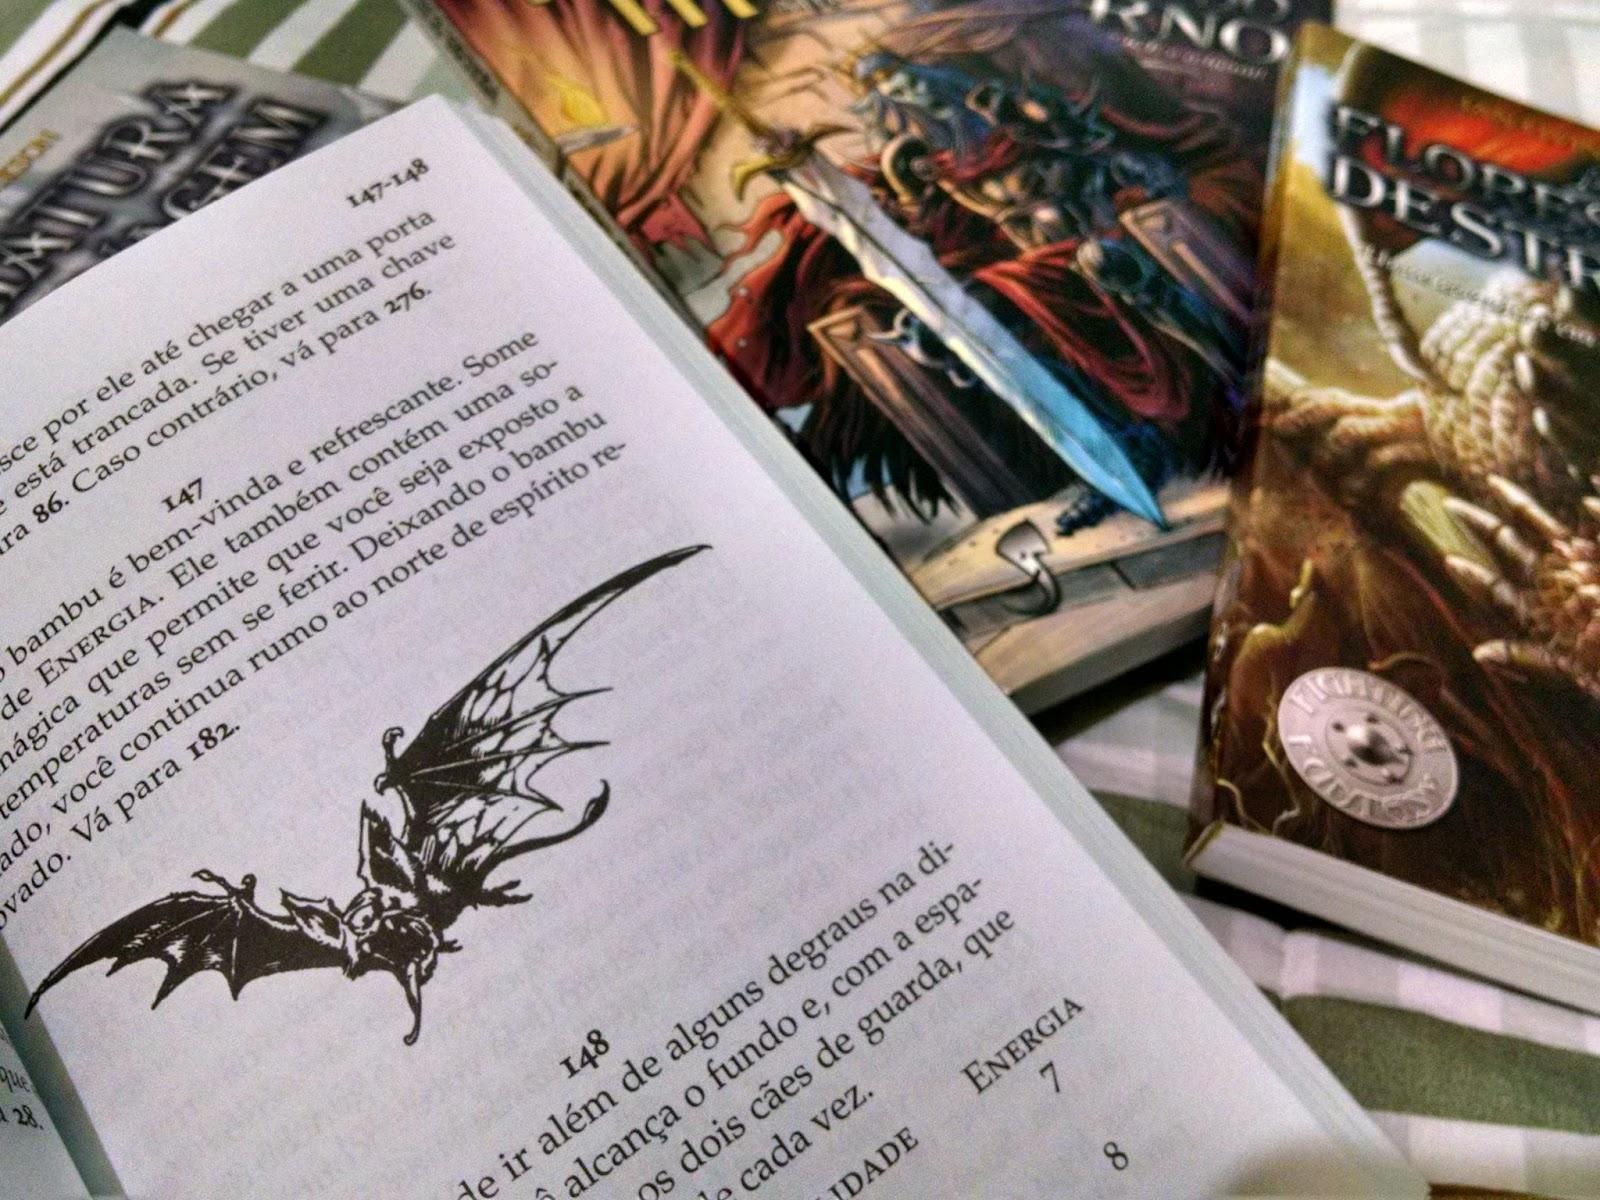 Multiverso X: Livros-Jogos - Para conhecer vá para a página 46